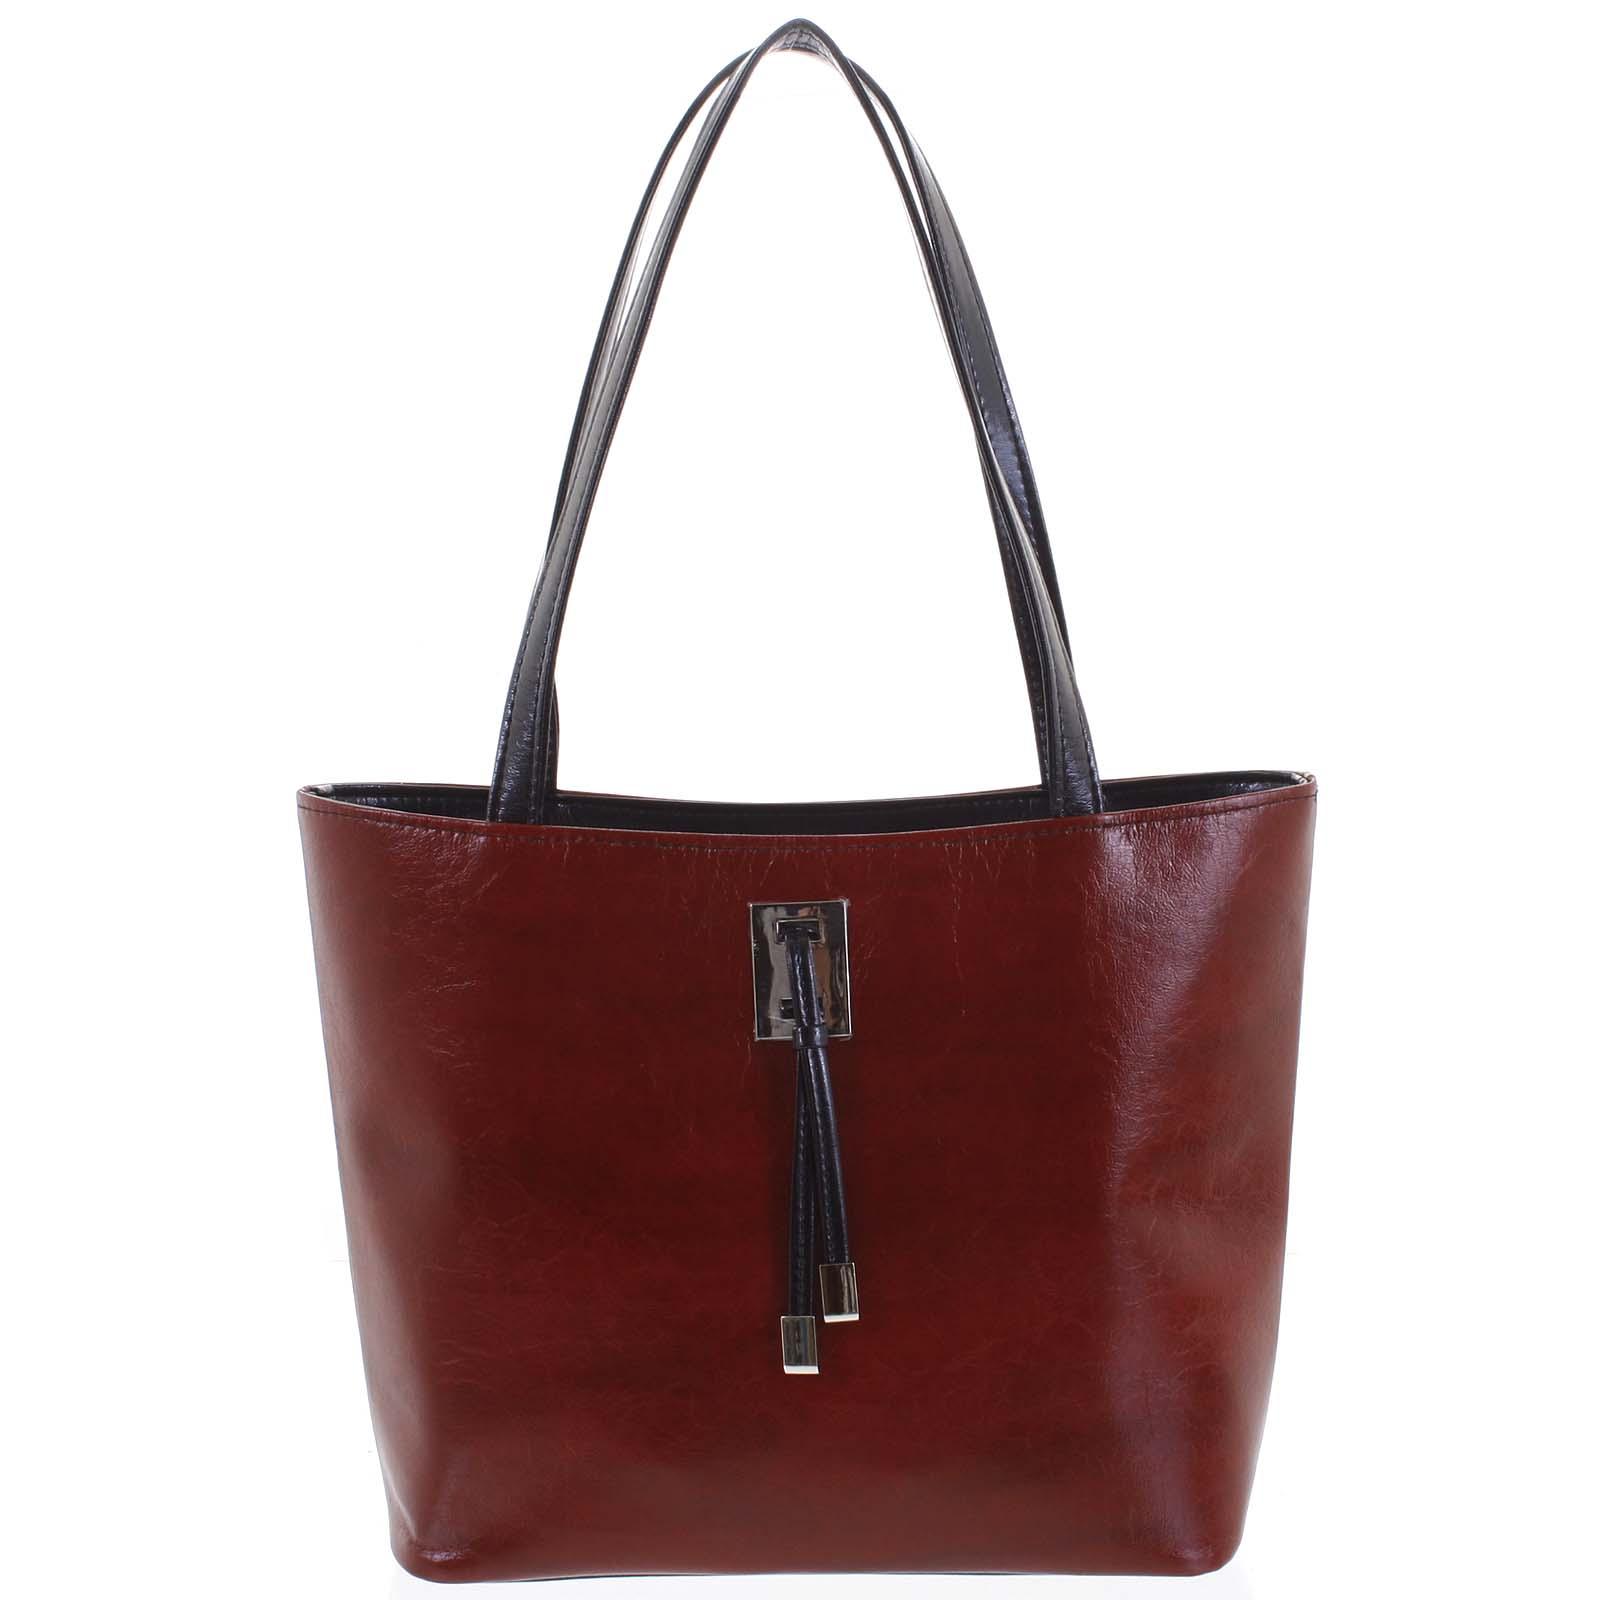 Veľká bordo vzorovaná dámska kabelka cez rameno - Ellis Huyen vínová